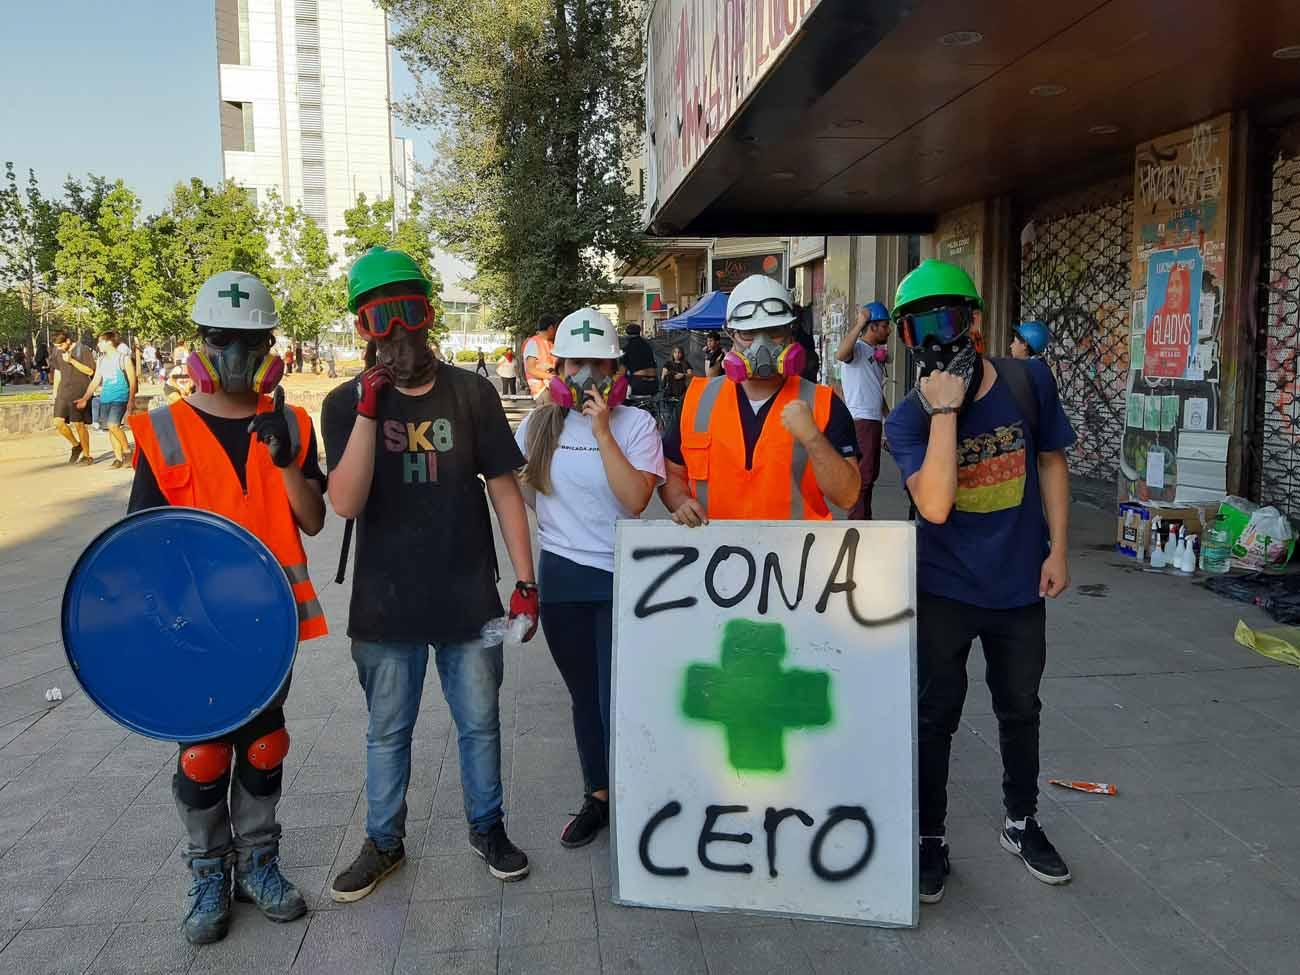 Intendente Guevara descontrolado: Carabineros infraccionó por Ley de Tránsito a voluntario de Plaza de la Dignidad